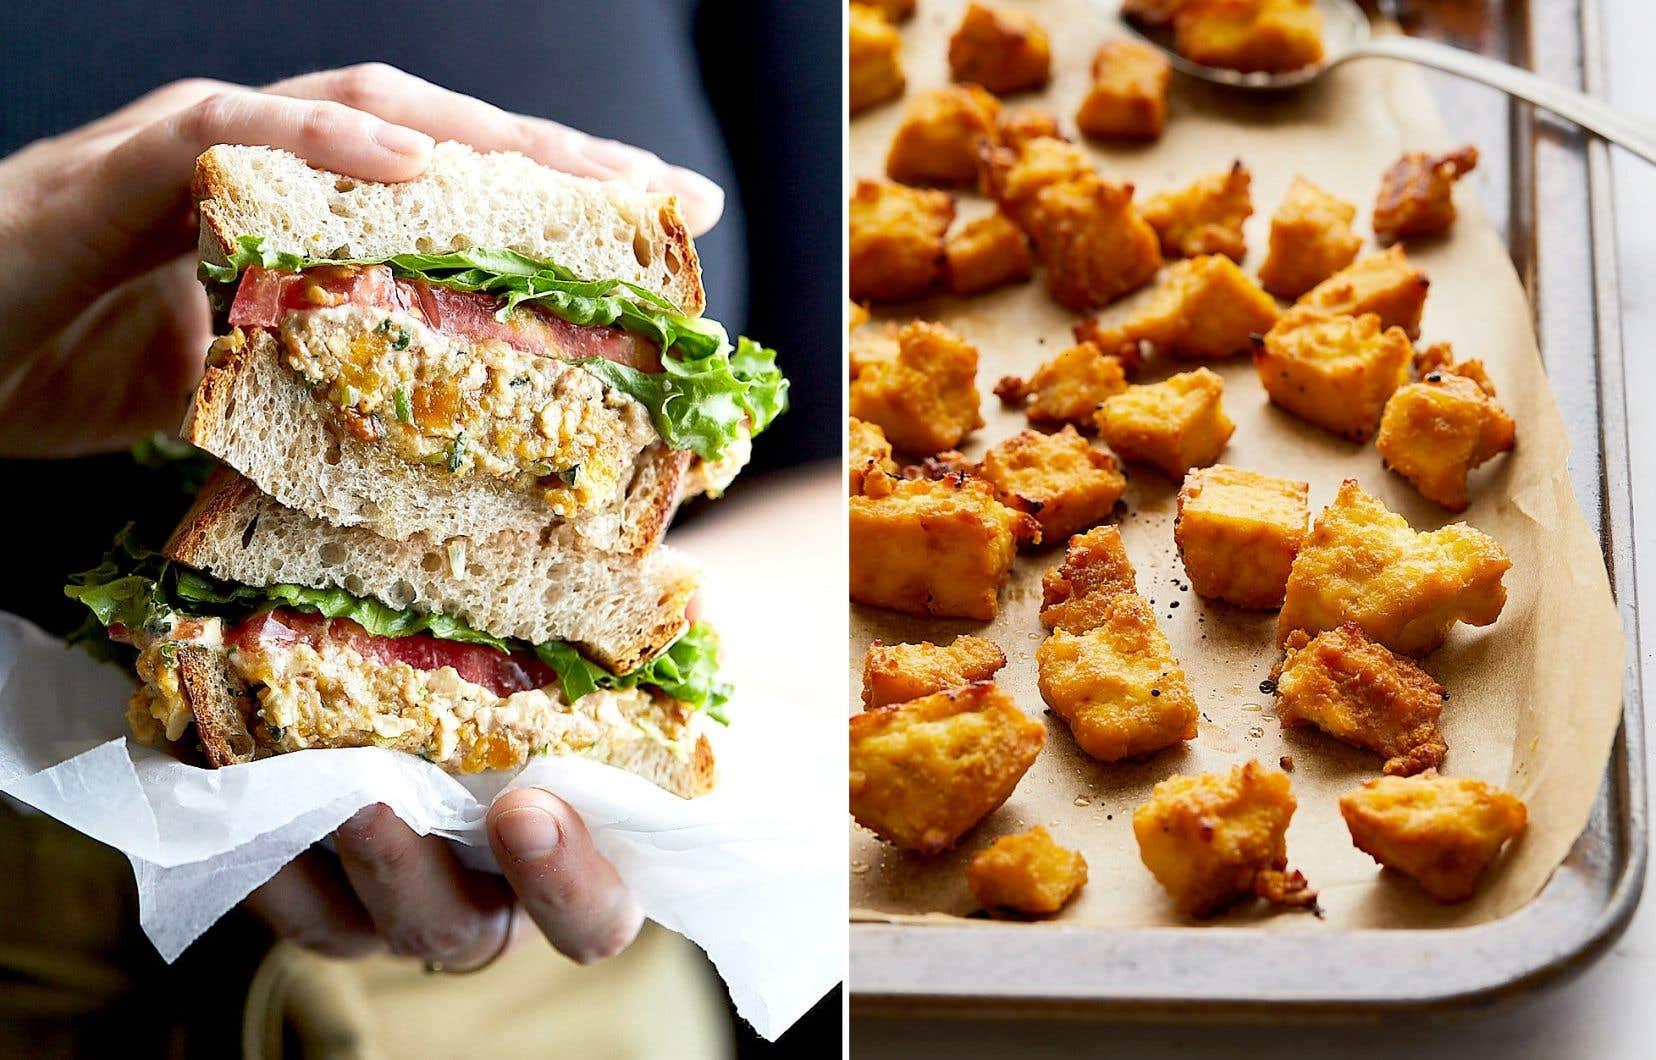 Selon Caroline Huard, son tofu magique a le pouvoir étonnant de faire aimer le tofu à tous ceux qui jurent ne pas aimer le tofu.